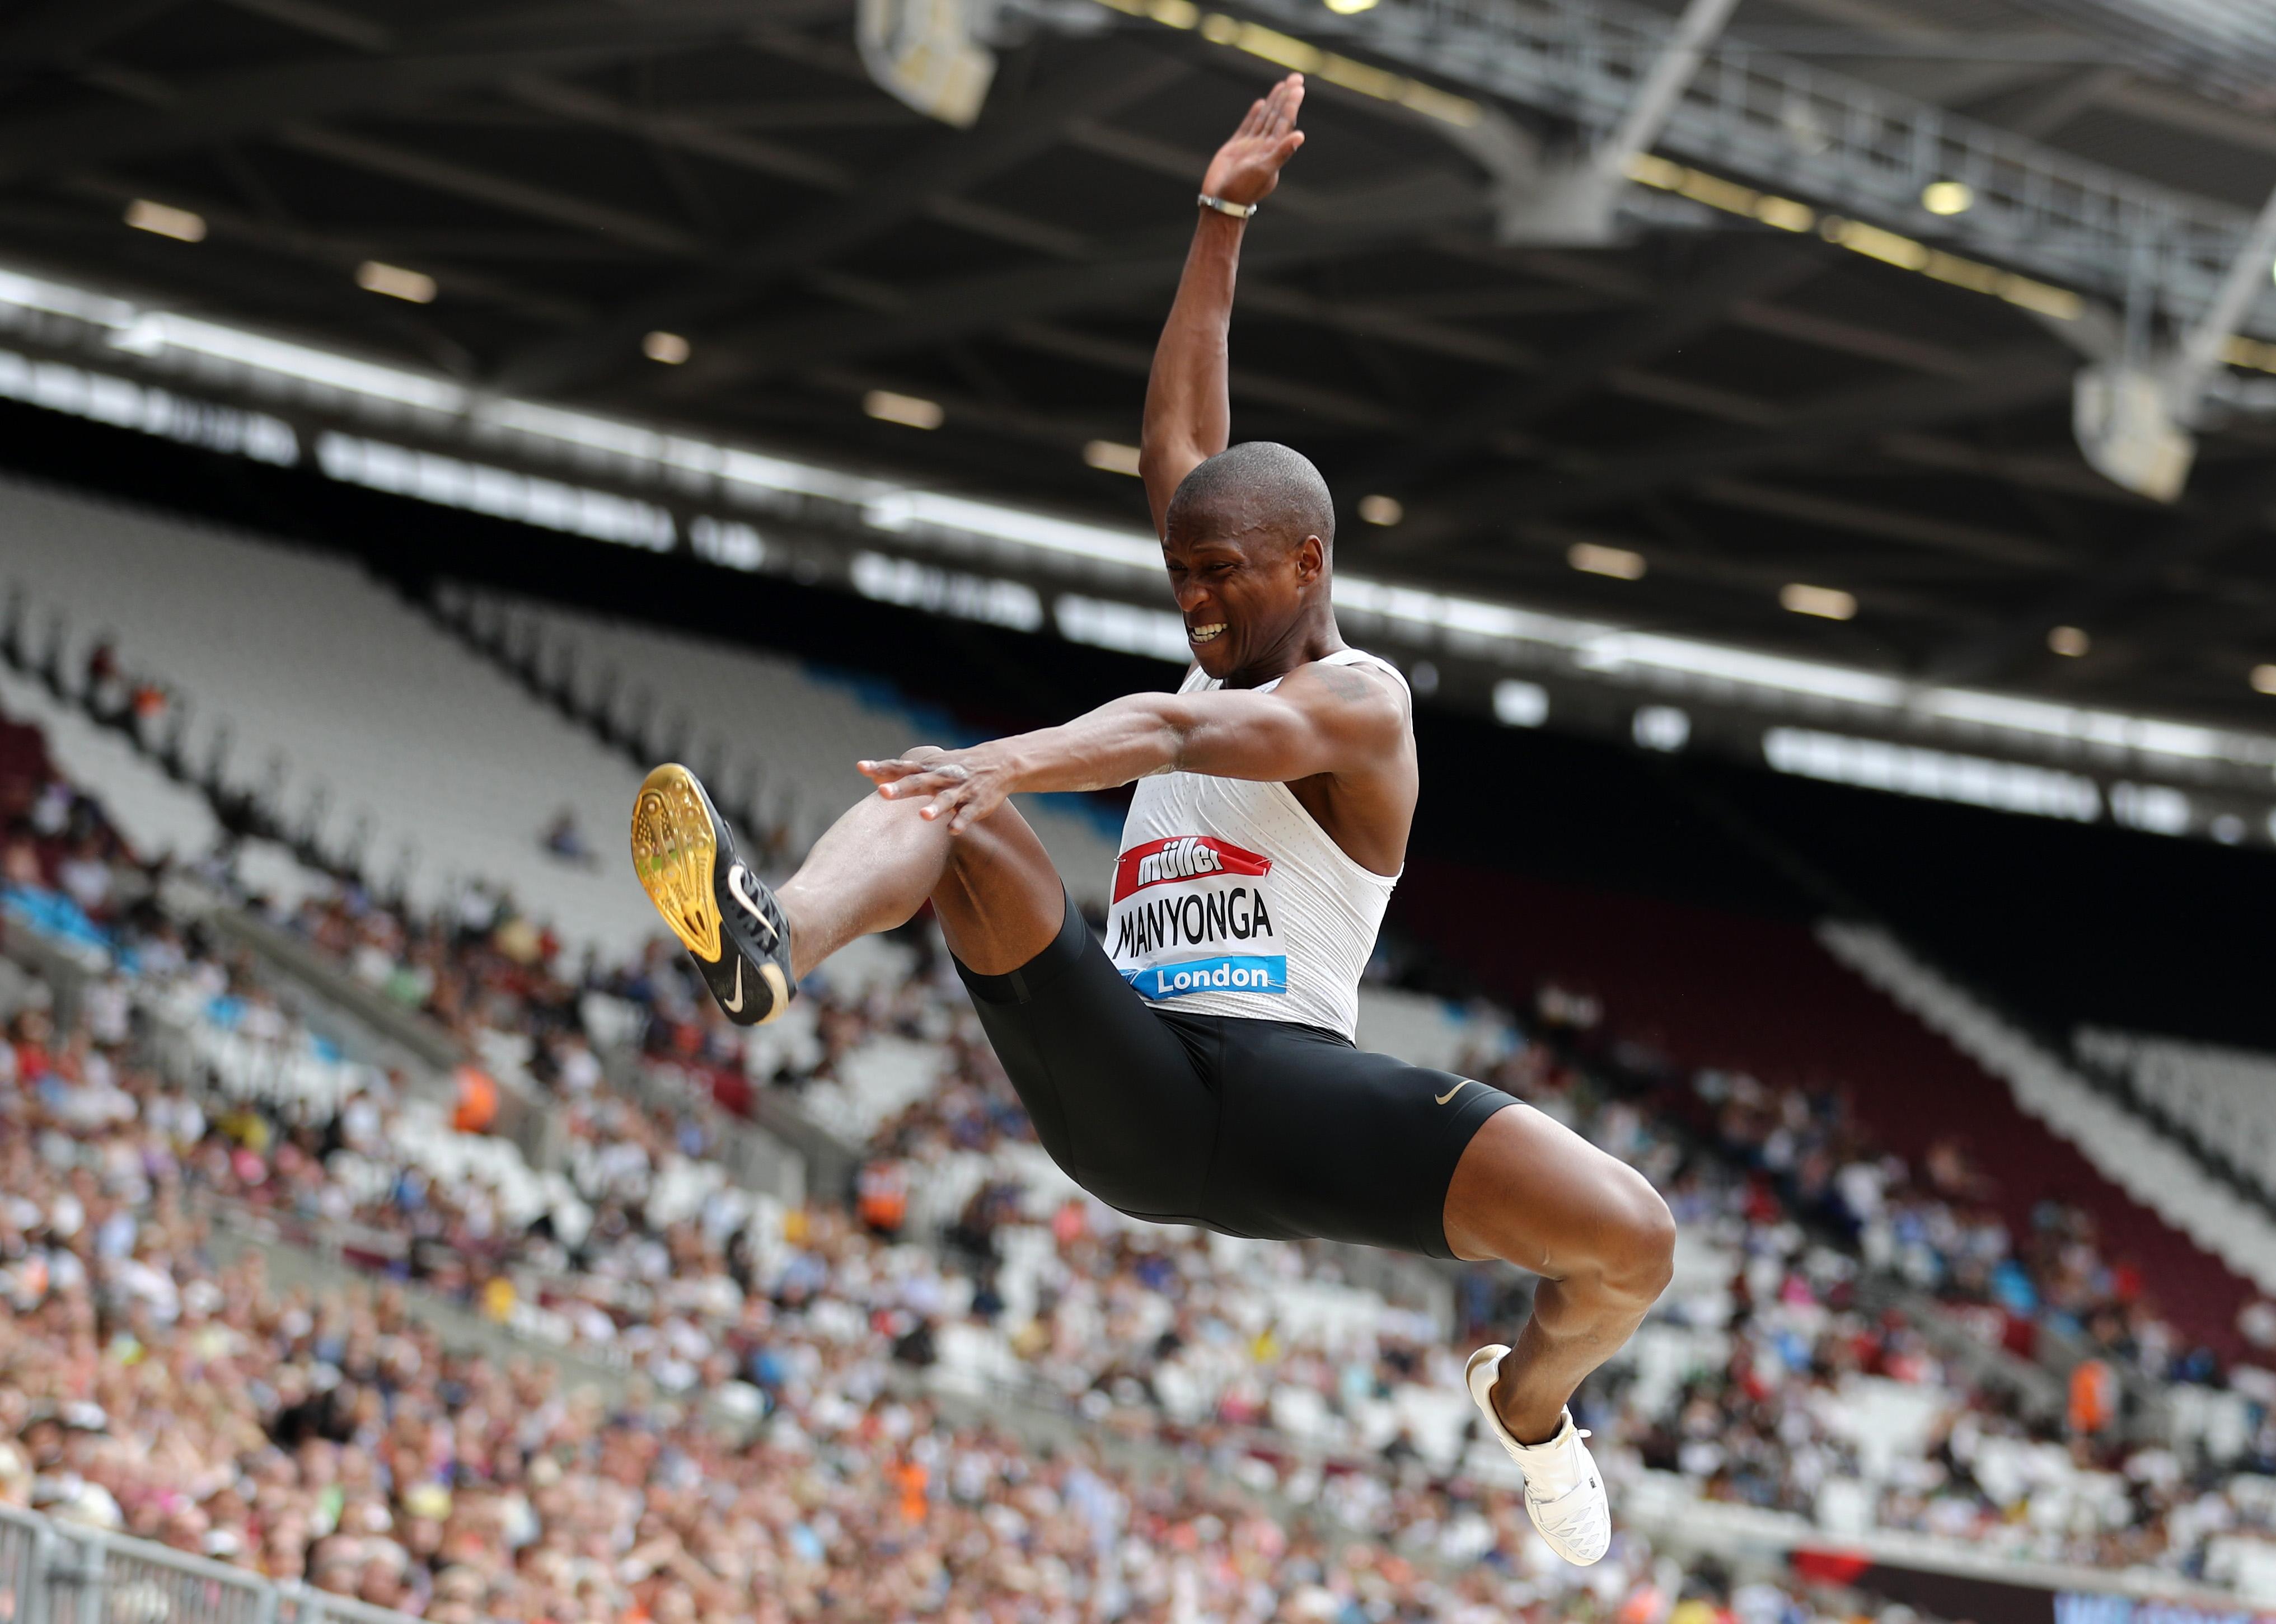 Световният шампион в скока на дължина от Лондон 2017 Луво